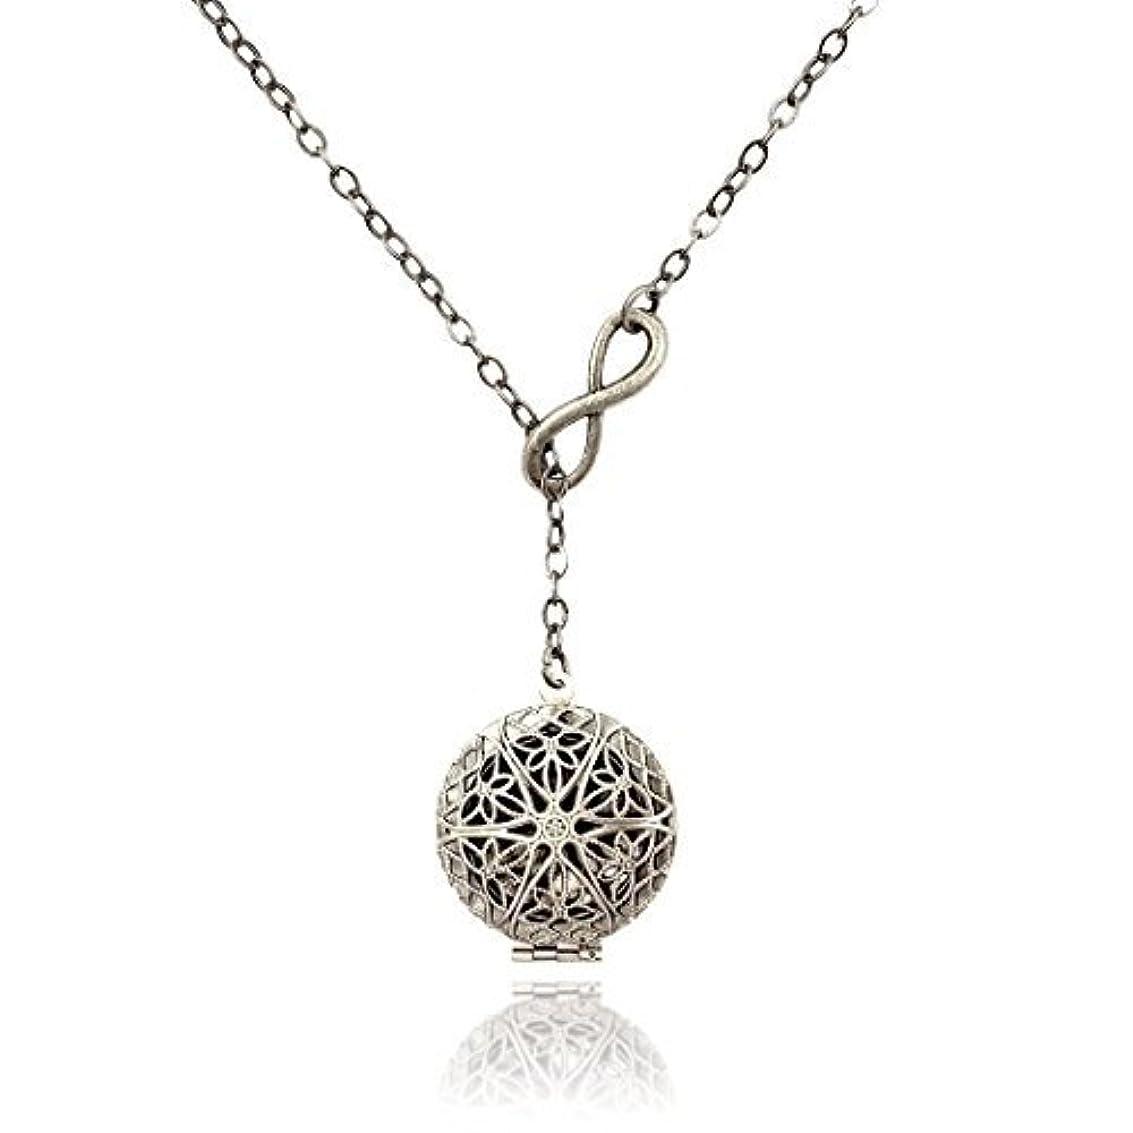 コンピューターゲームをプレイする投げ捨てる感謝祭Infinity Eternity Silver-tone Aromatherapy Necklace Essential Oil Diffuser Locket Pendant Jewelry Lariat Y-Style...